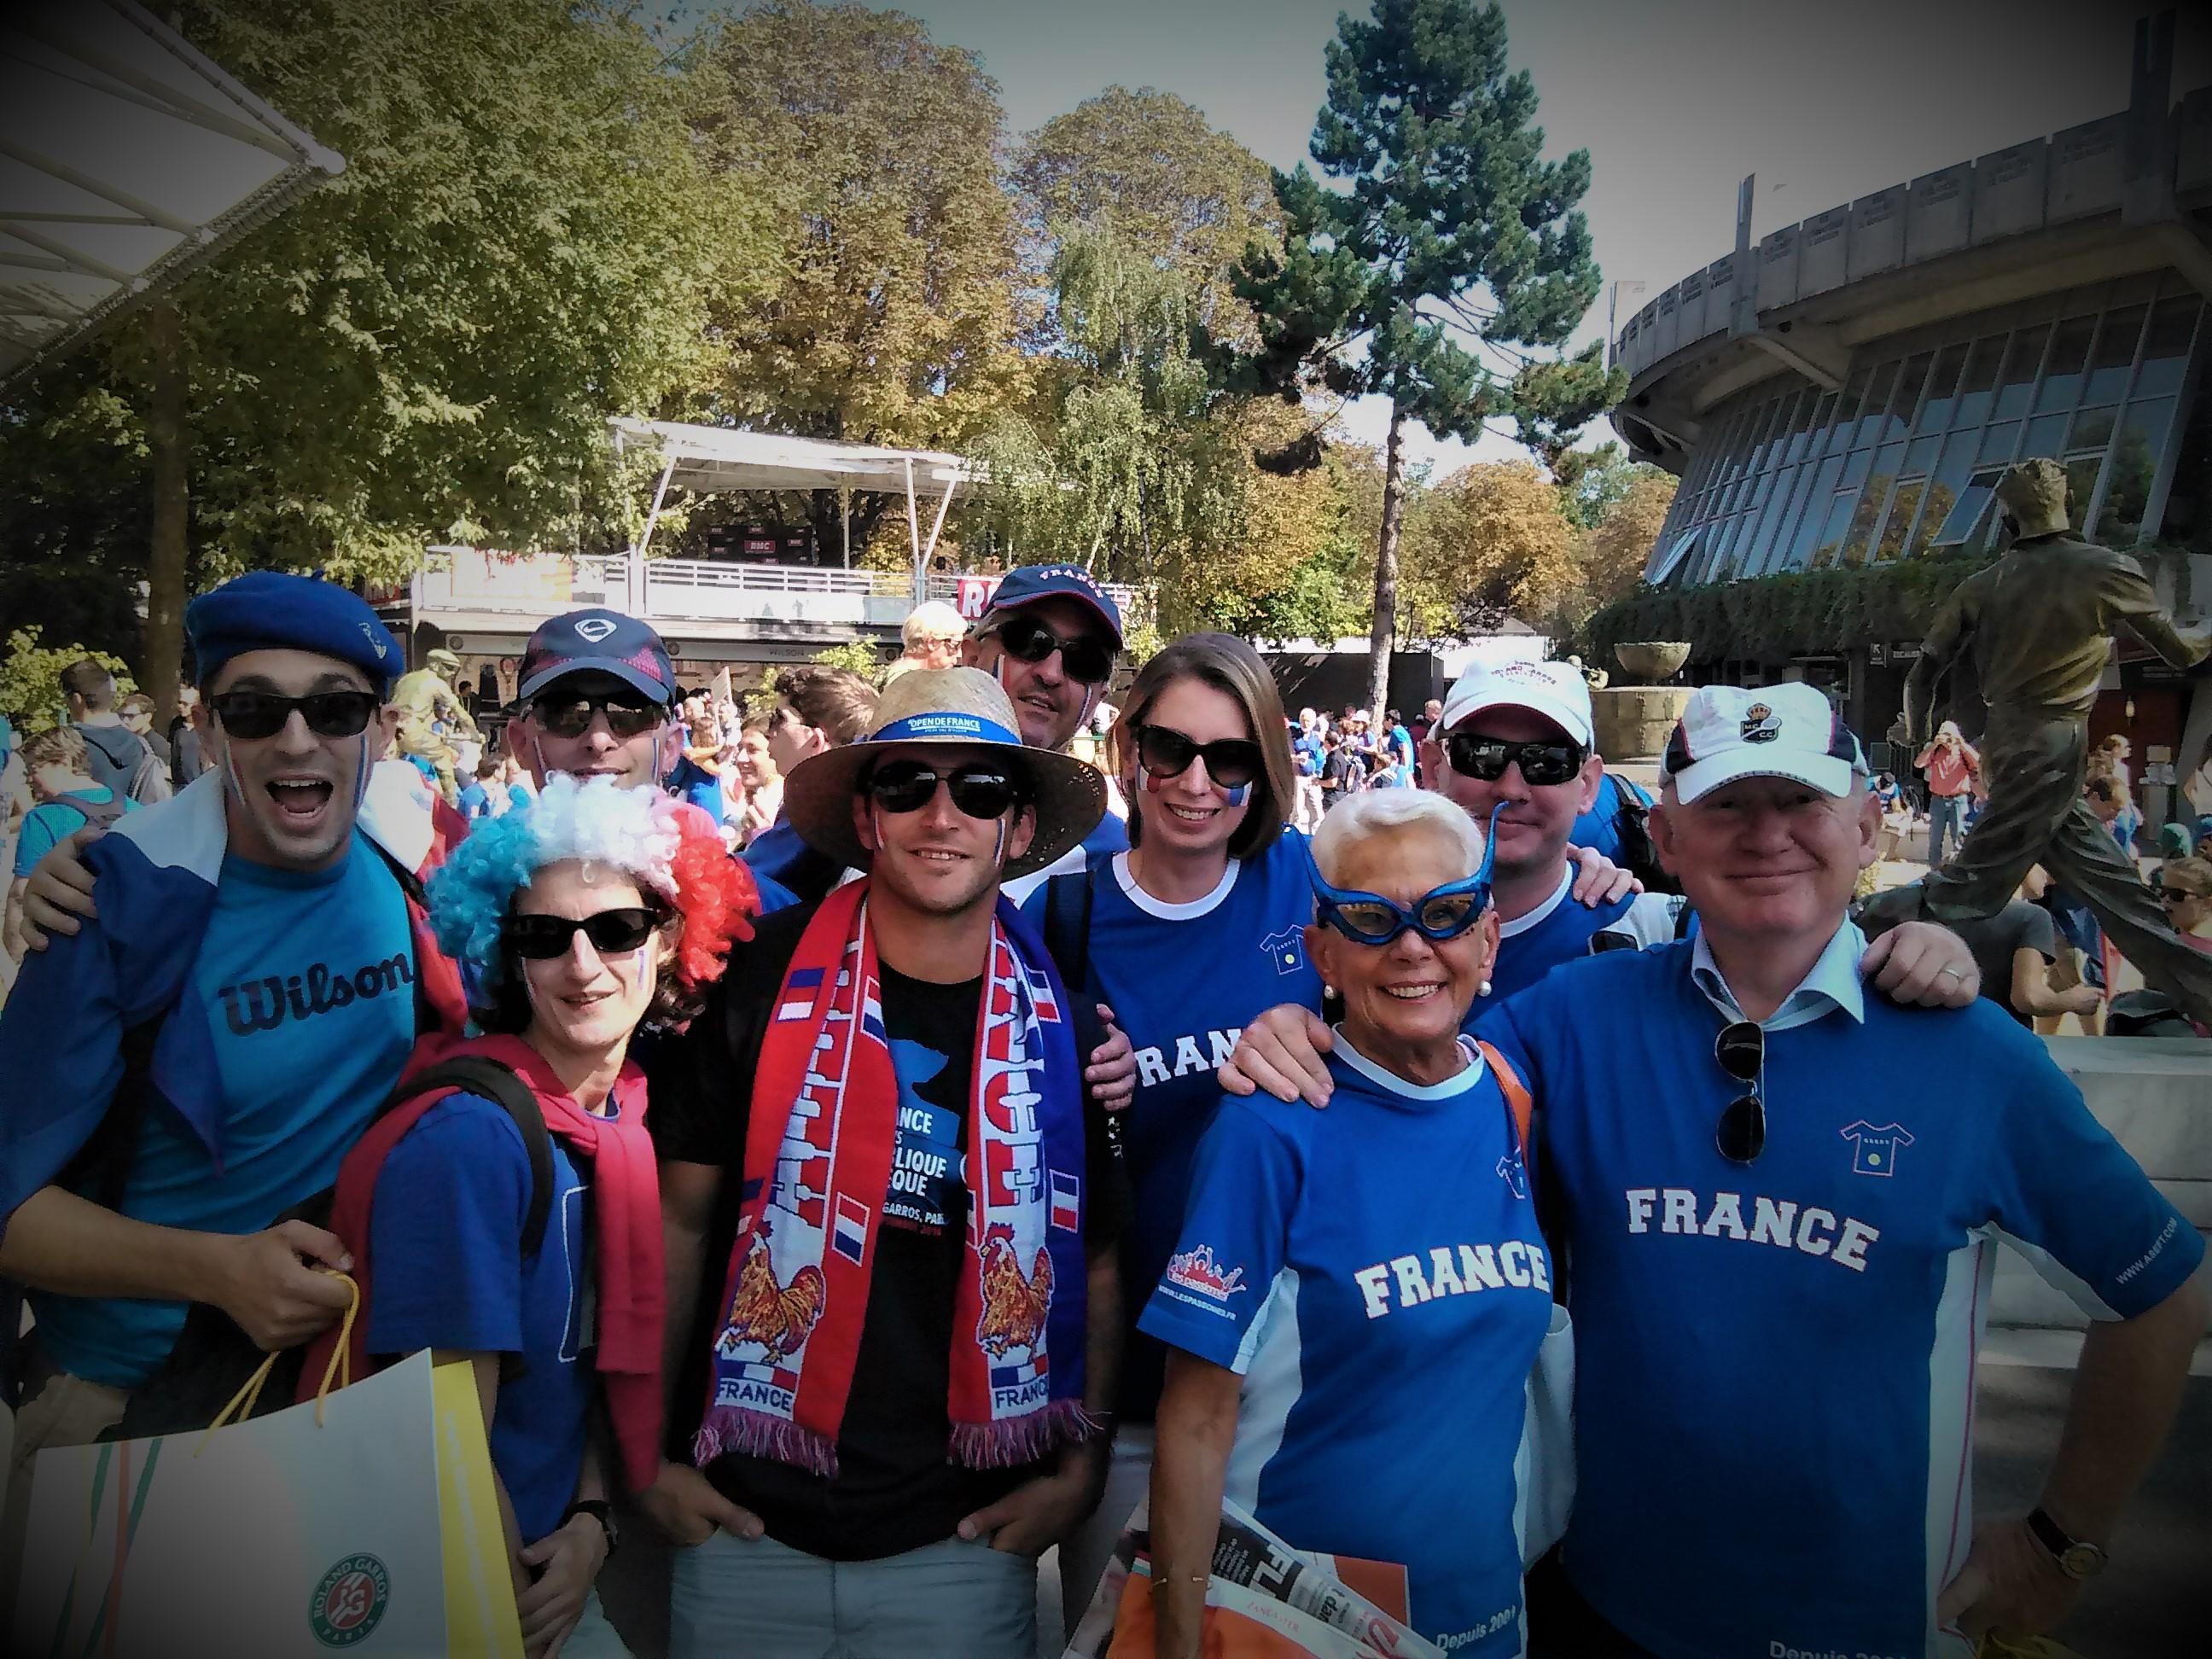 Des membres de l'ASEFT lors de la rencontre de Coupe Davis à Roland-Garros en 2014 / ©SoTennis